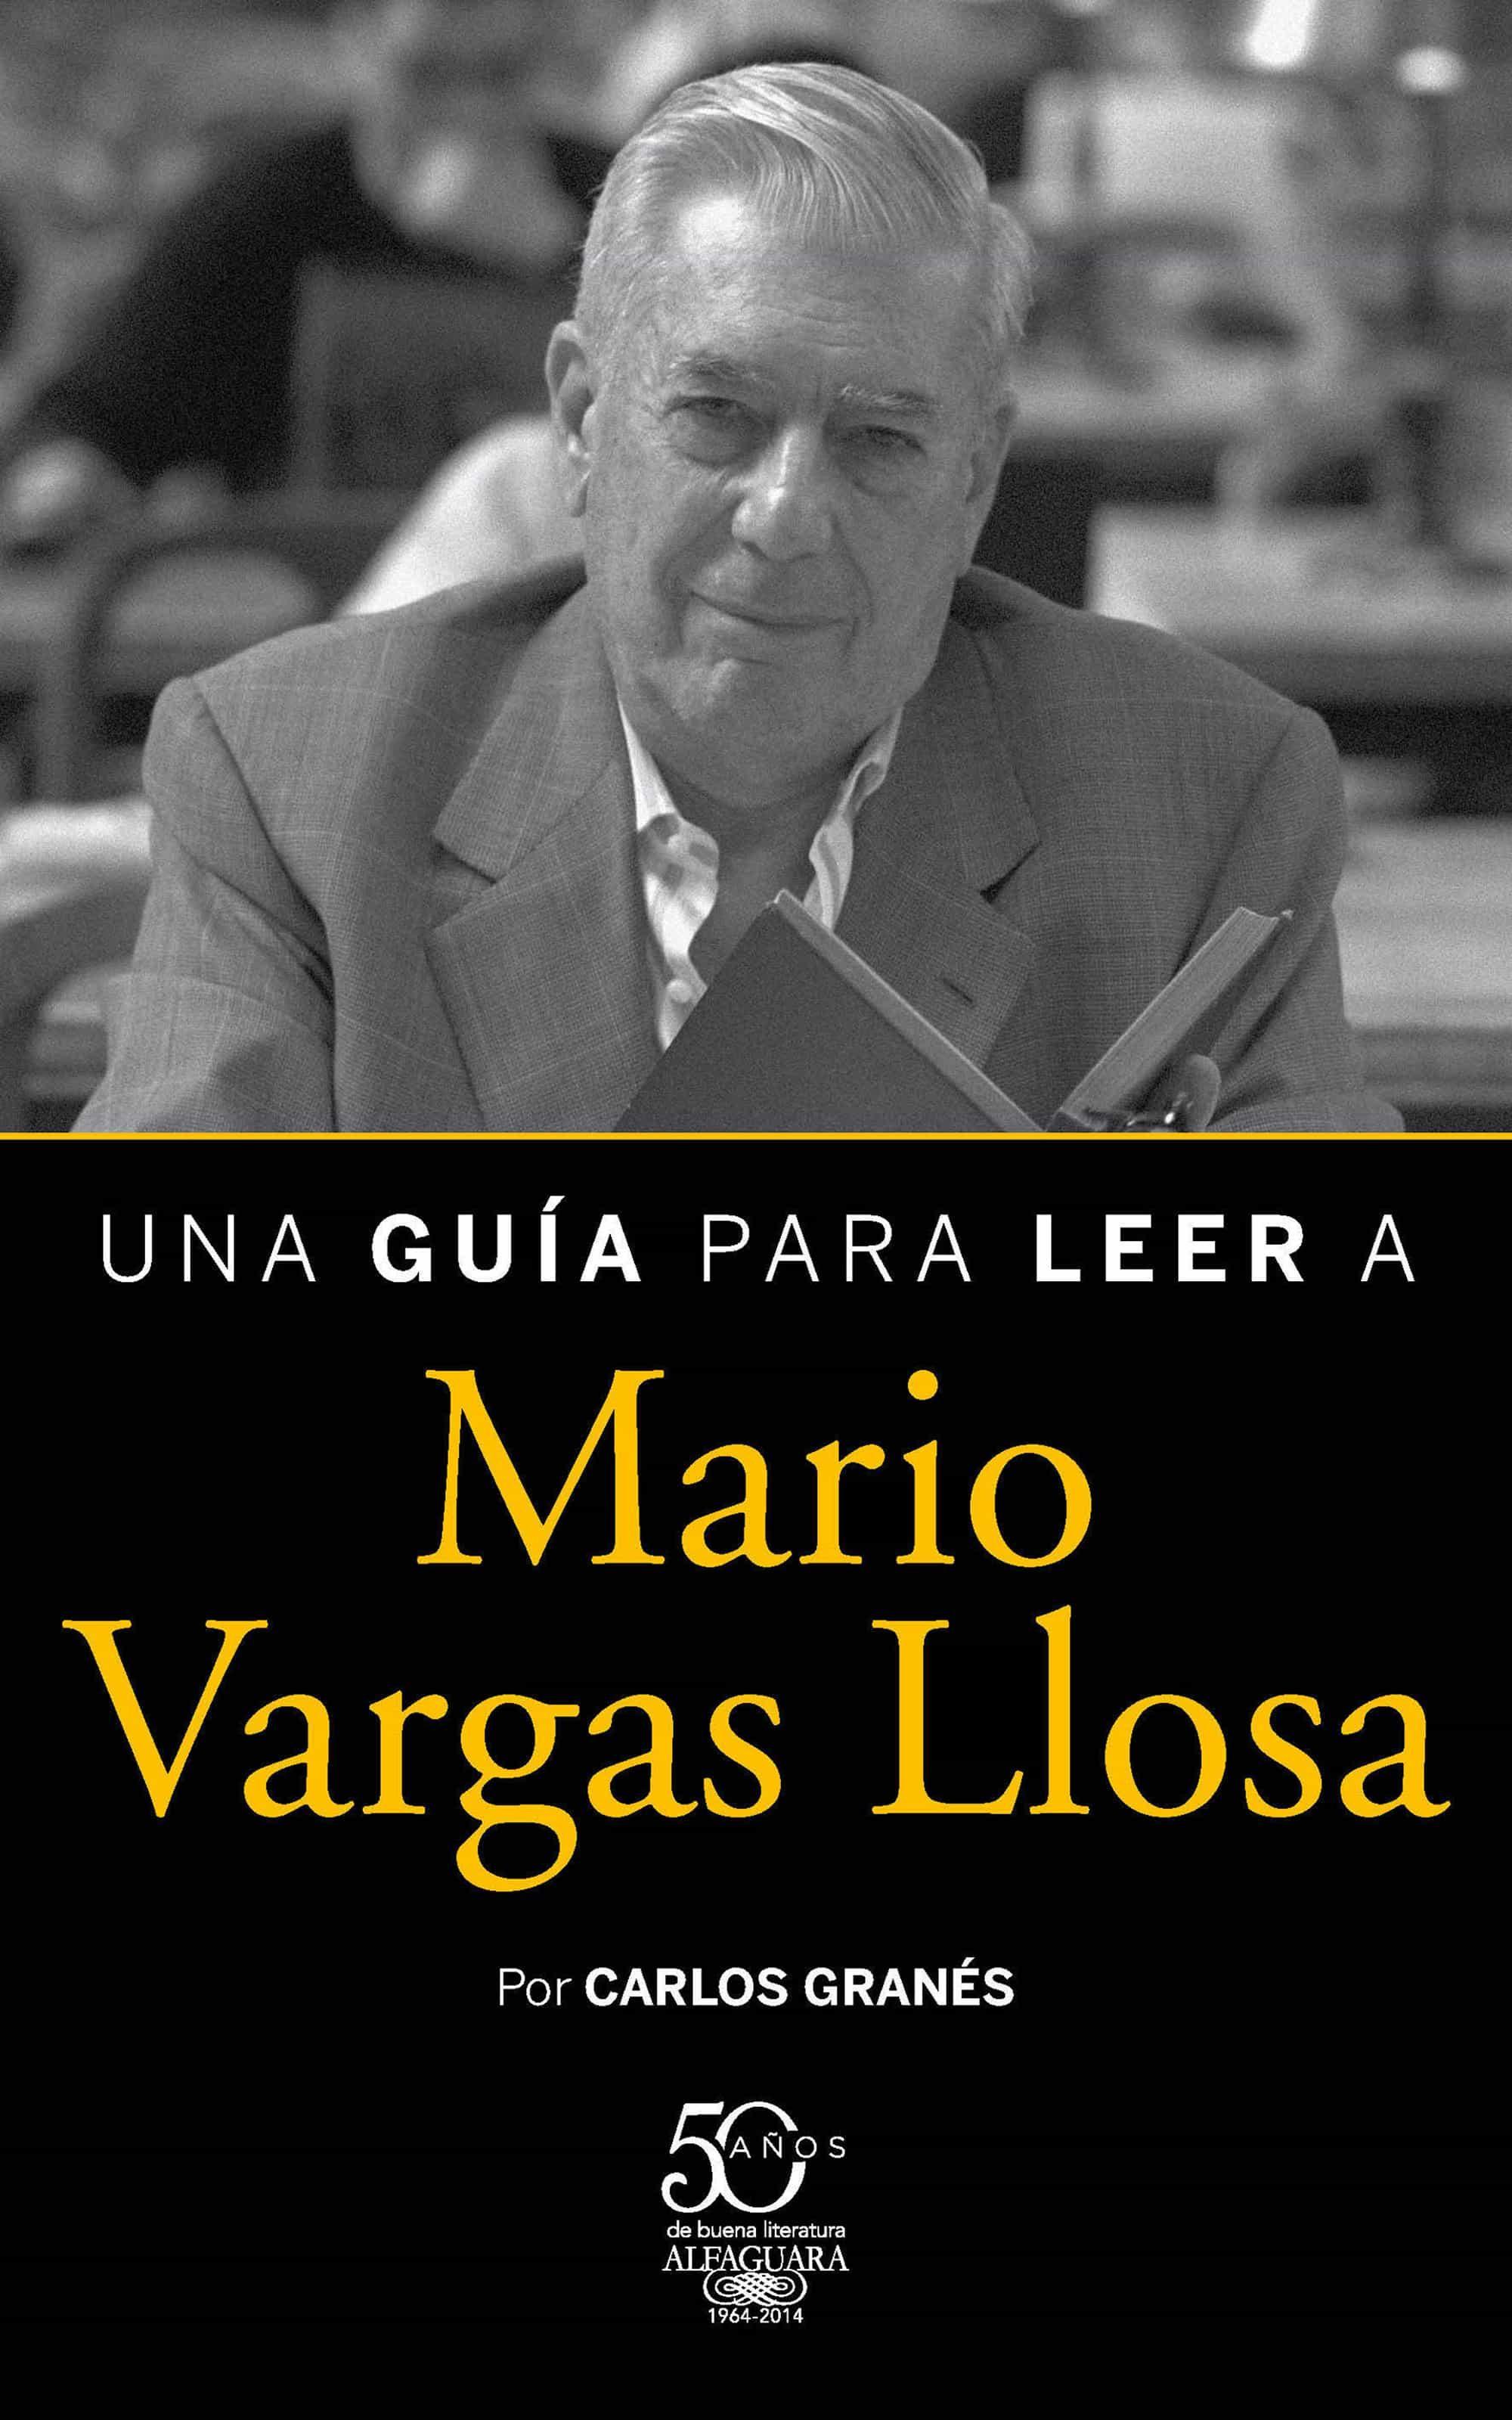 Una Gu�a Para Leer A Mario Vargas Llosa (ebook)9788420418100